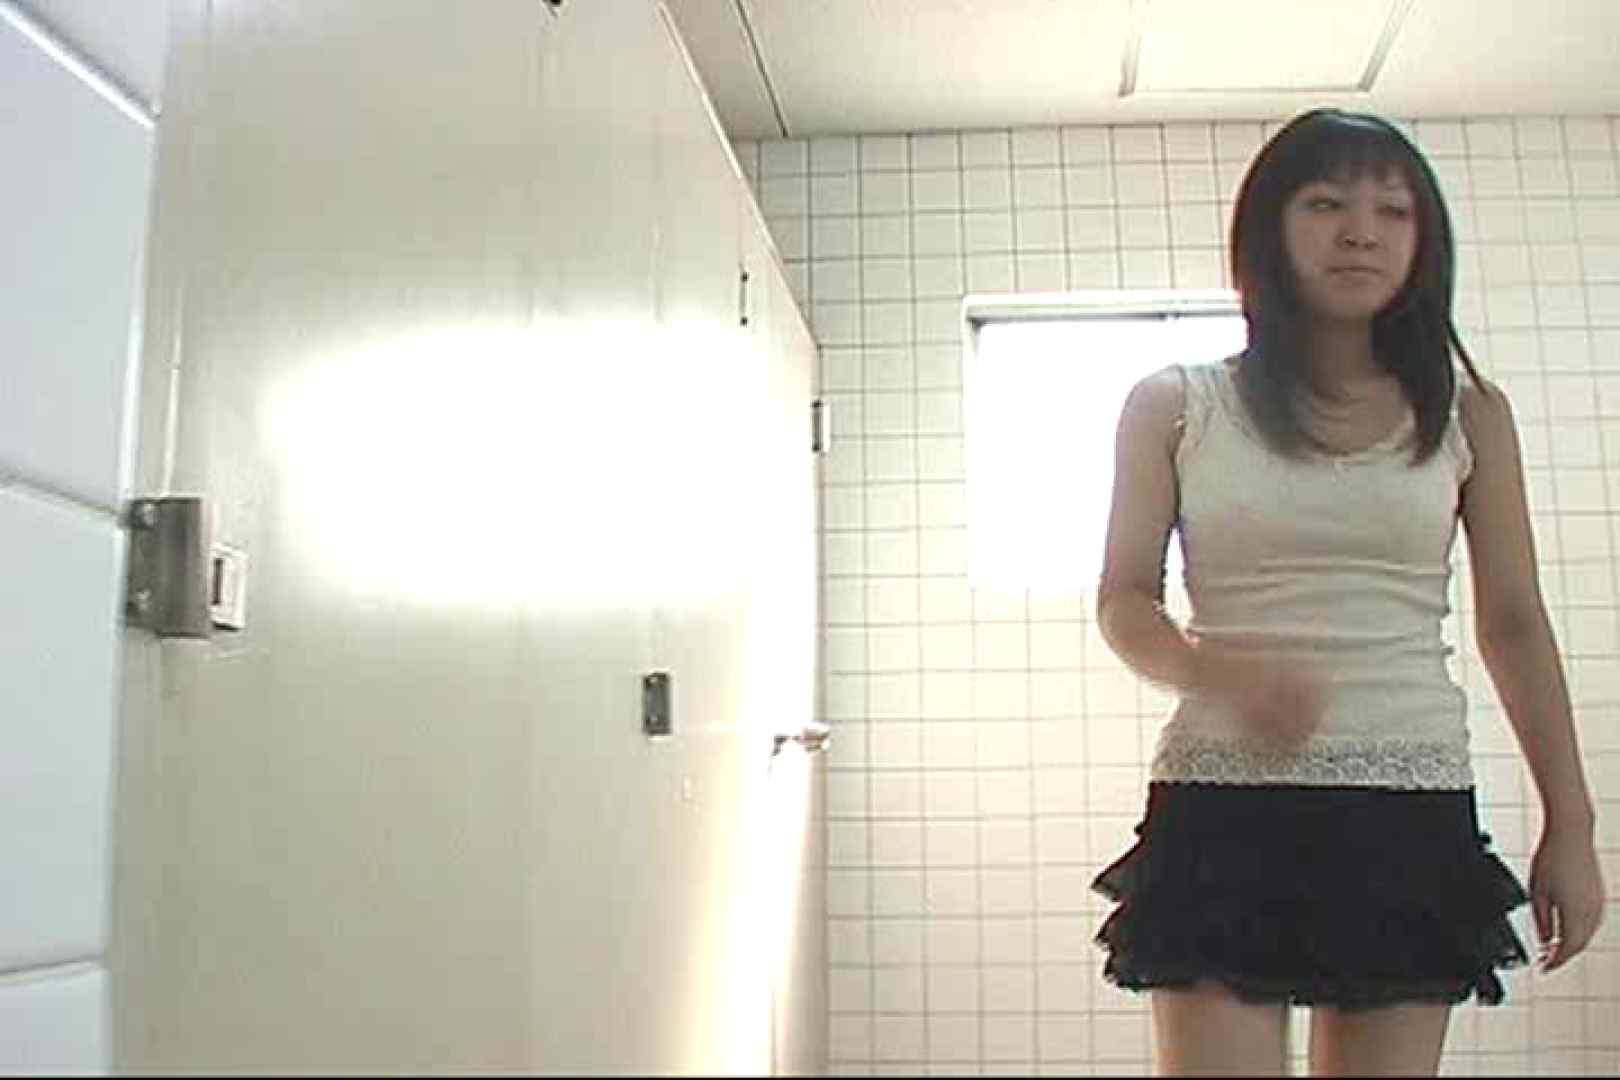 雑居ビル洗面所只今使用禁止中!Vol.3 現役ギャル | 美しいOLの裸体  73pic 4